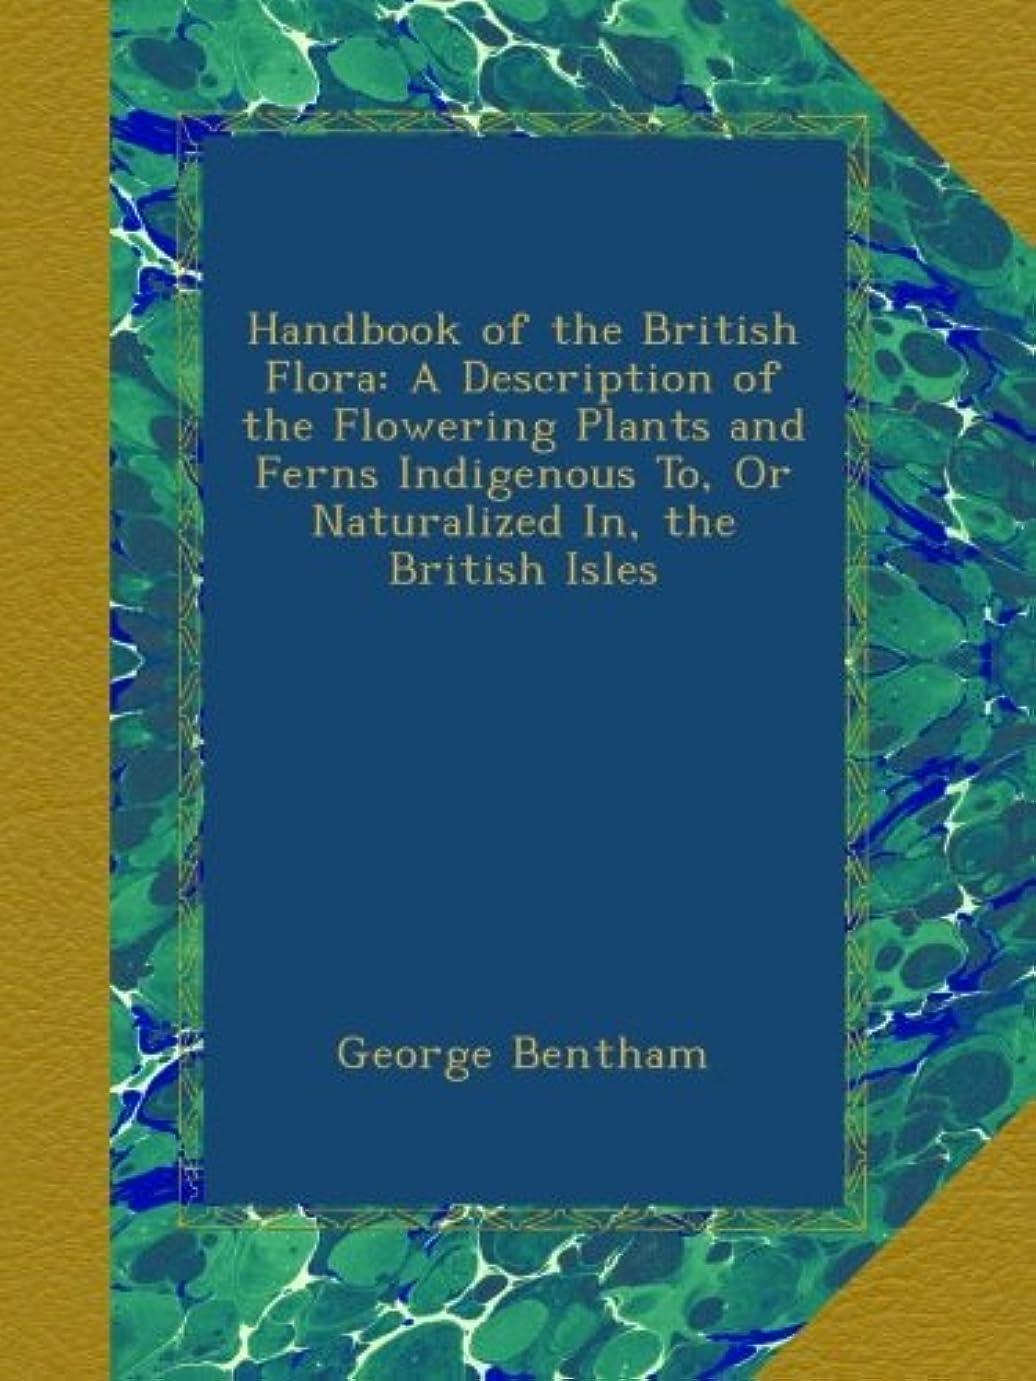 ご注意幸福資源Handbook of the British Flora: A Description of the Flowering Plants and Ferns Indigenous To, Or Naturalized In, the British Isles